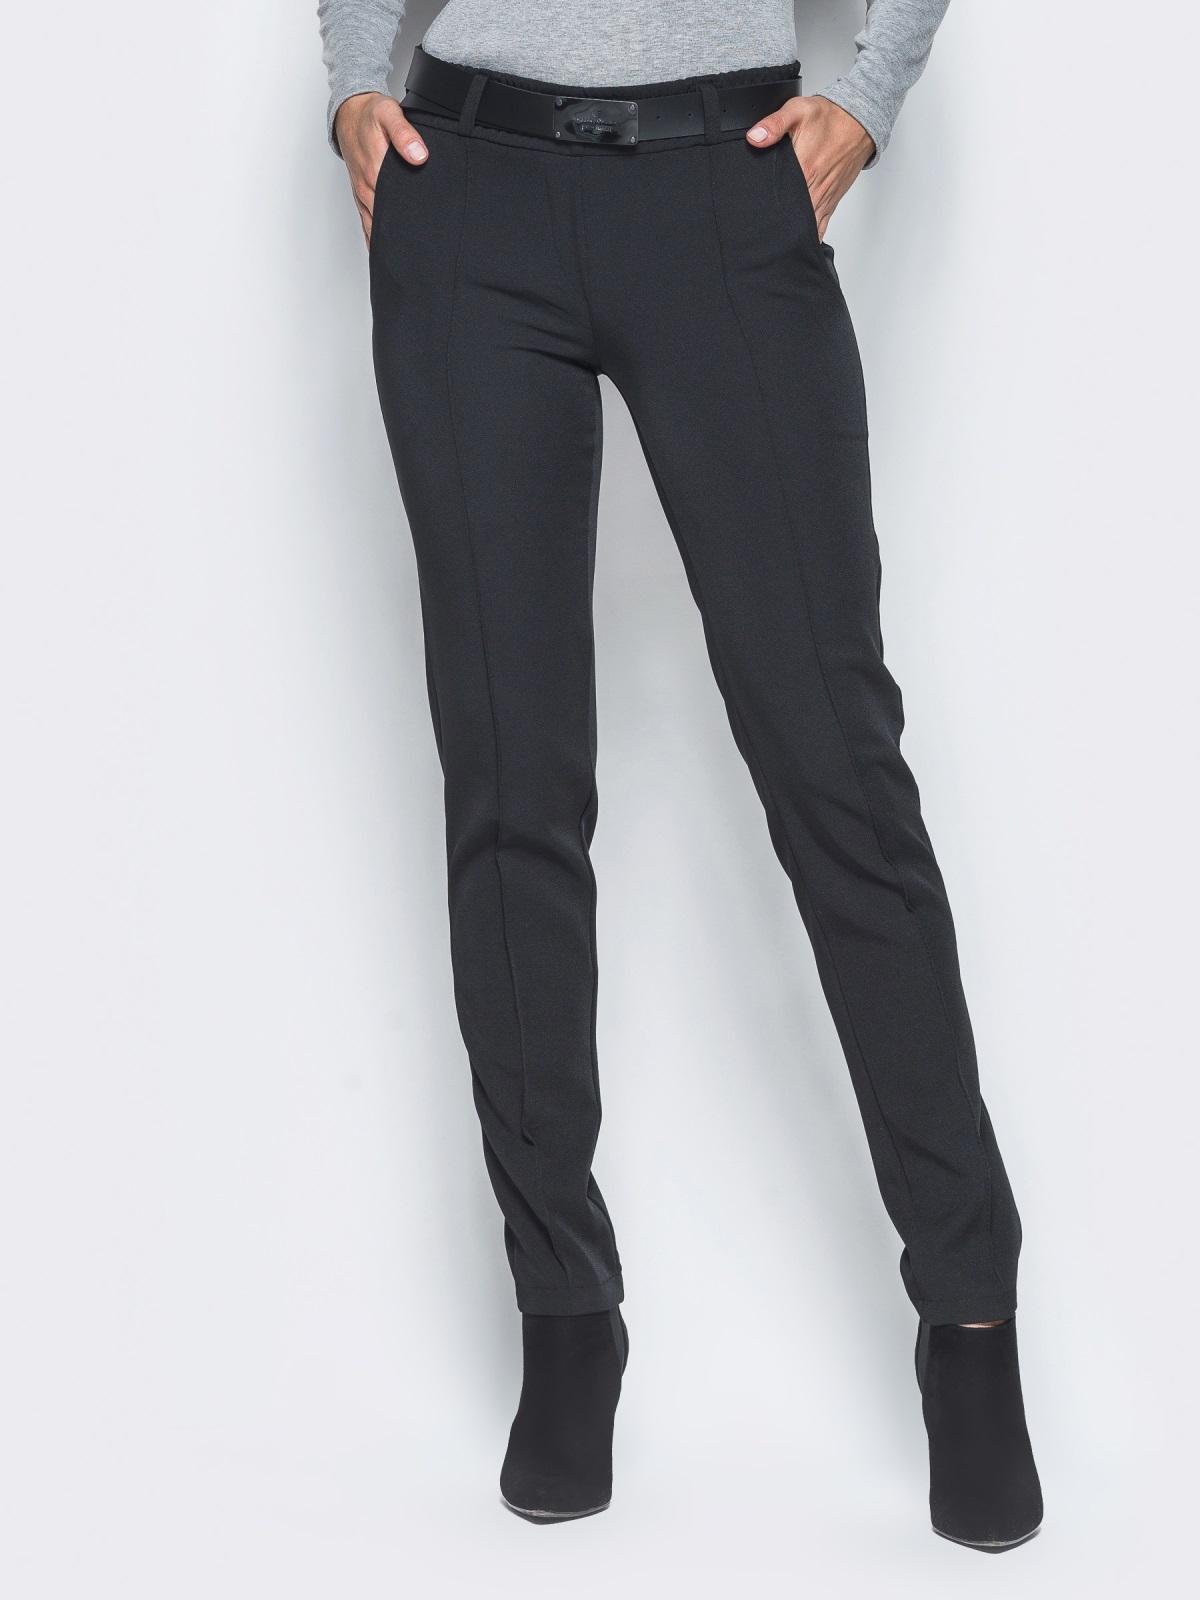 Черные брюки с отстроченными стрелками - 15722, фото 1 – интернет-магазин Dressa